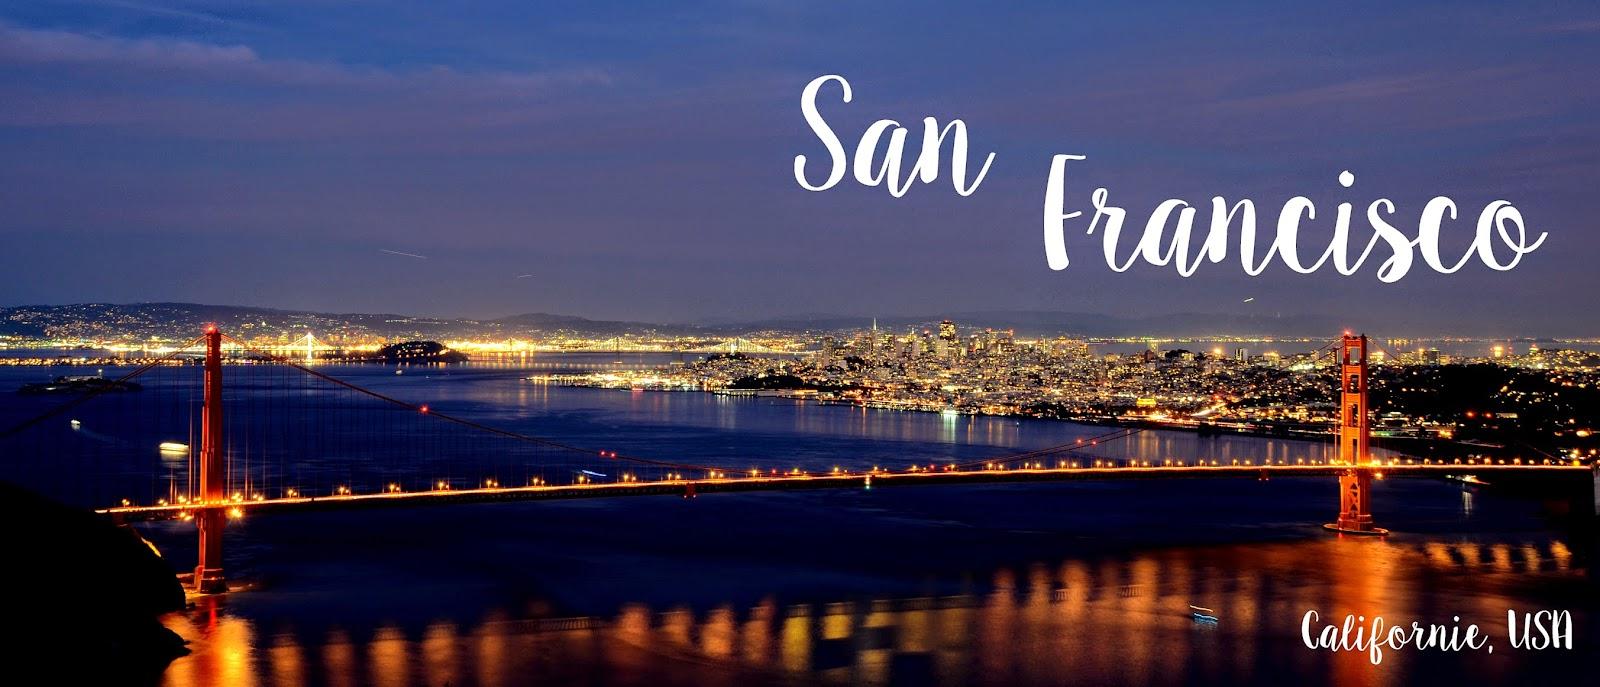 Far west coast un blog californien city guide san for Adresse maison bleue san francisco